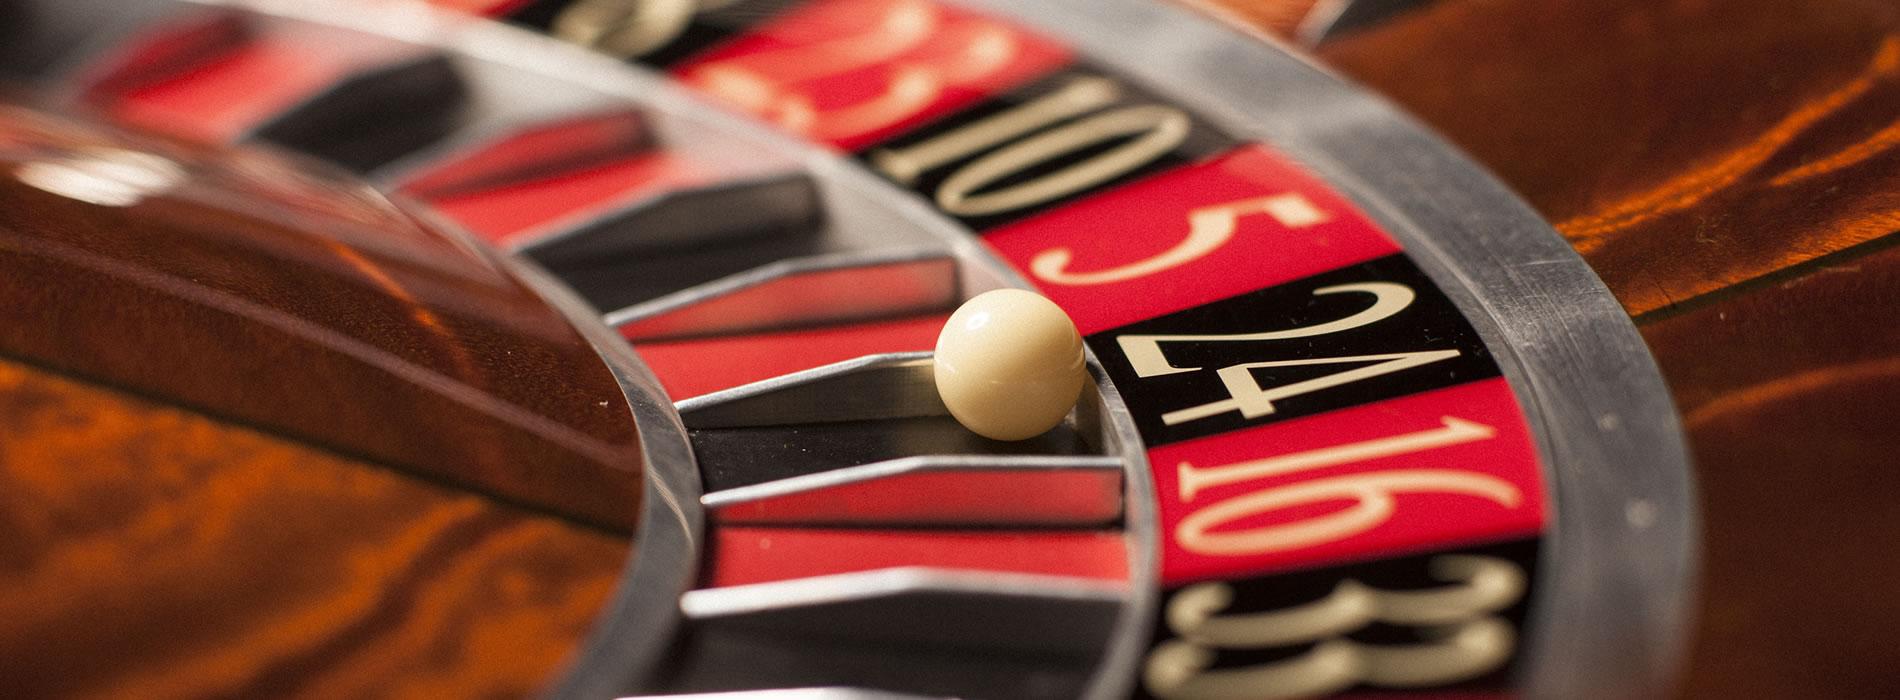 Jeux casino: se relaxer et se faire plaisir